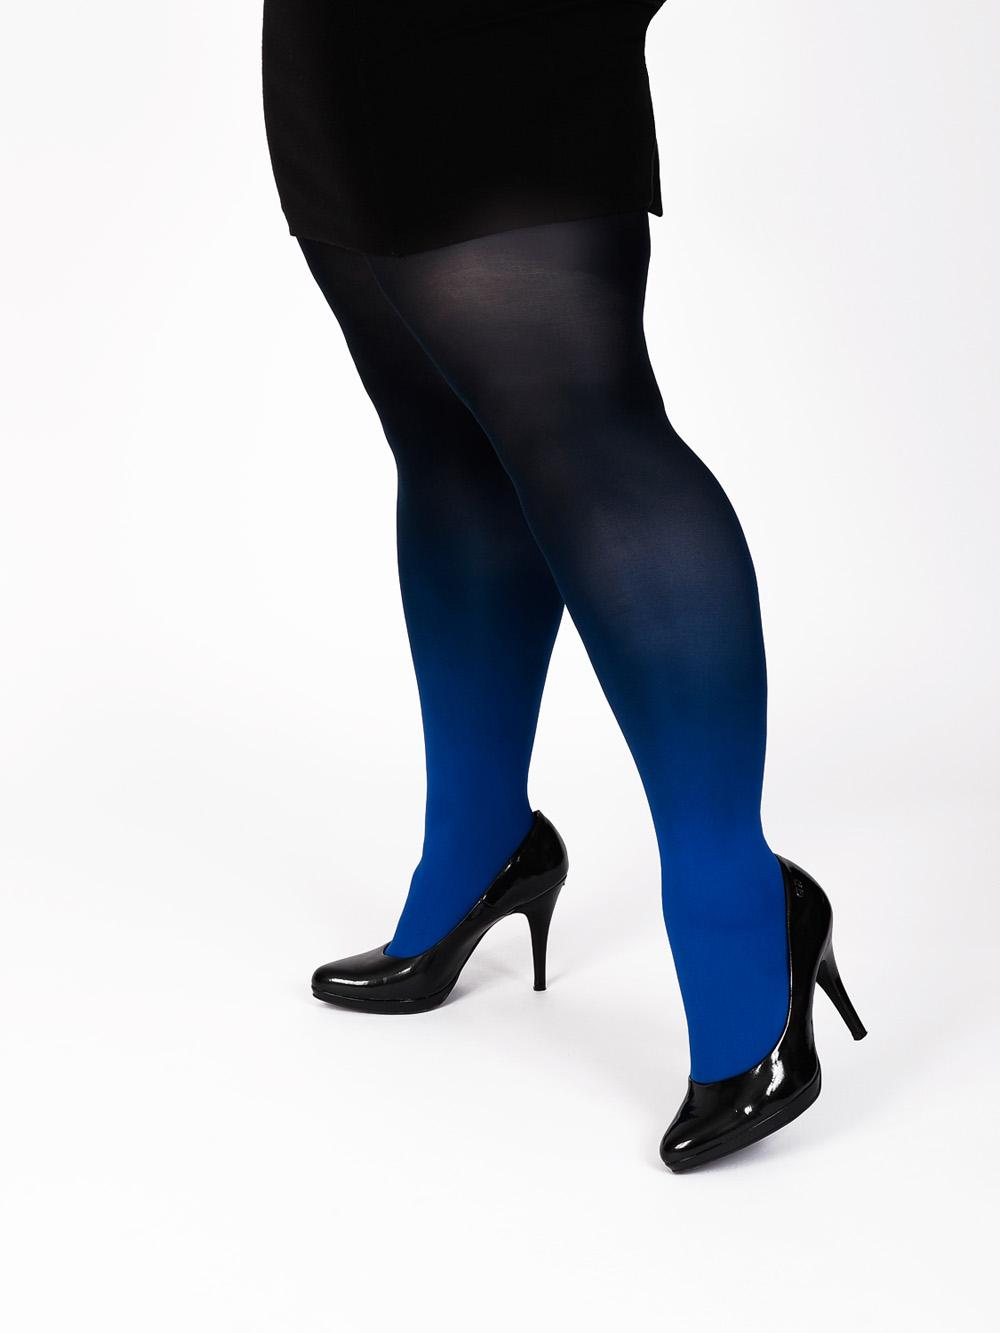 Plus Size Kék-fekete Harisnya